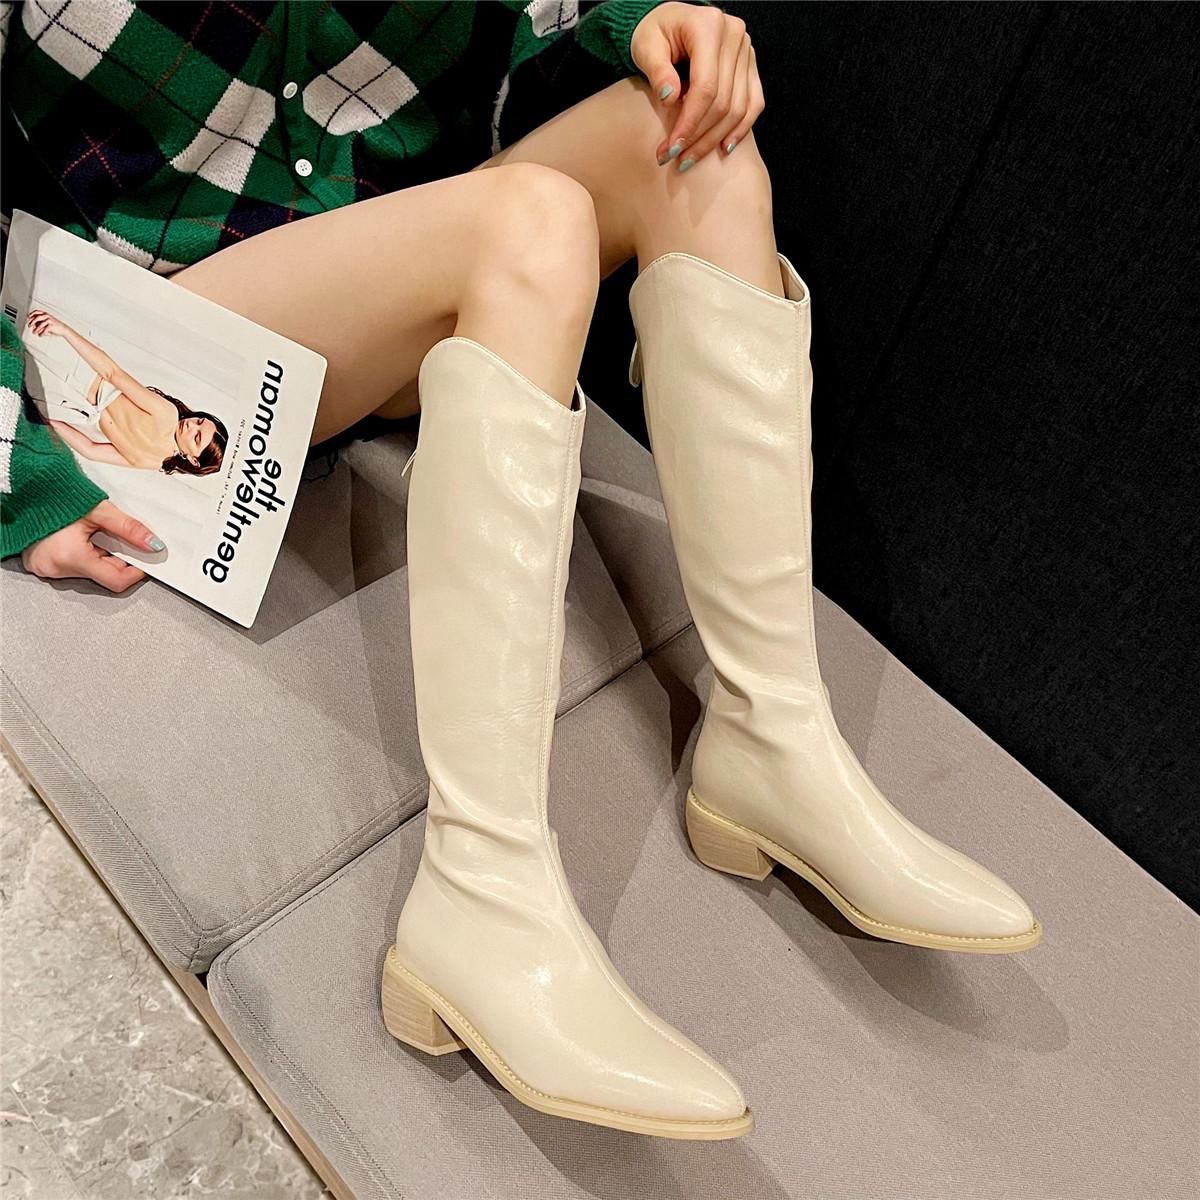 「鞋阅」尖头粗跟长靴骑士靴西部牛仔靴高筒靴子秋款中跟女单靴